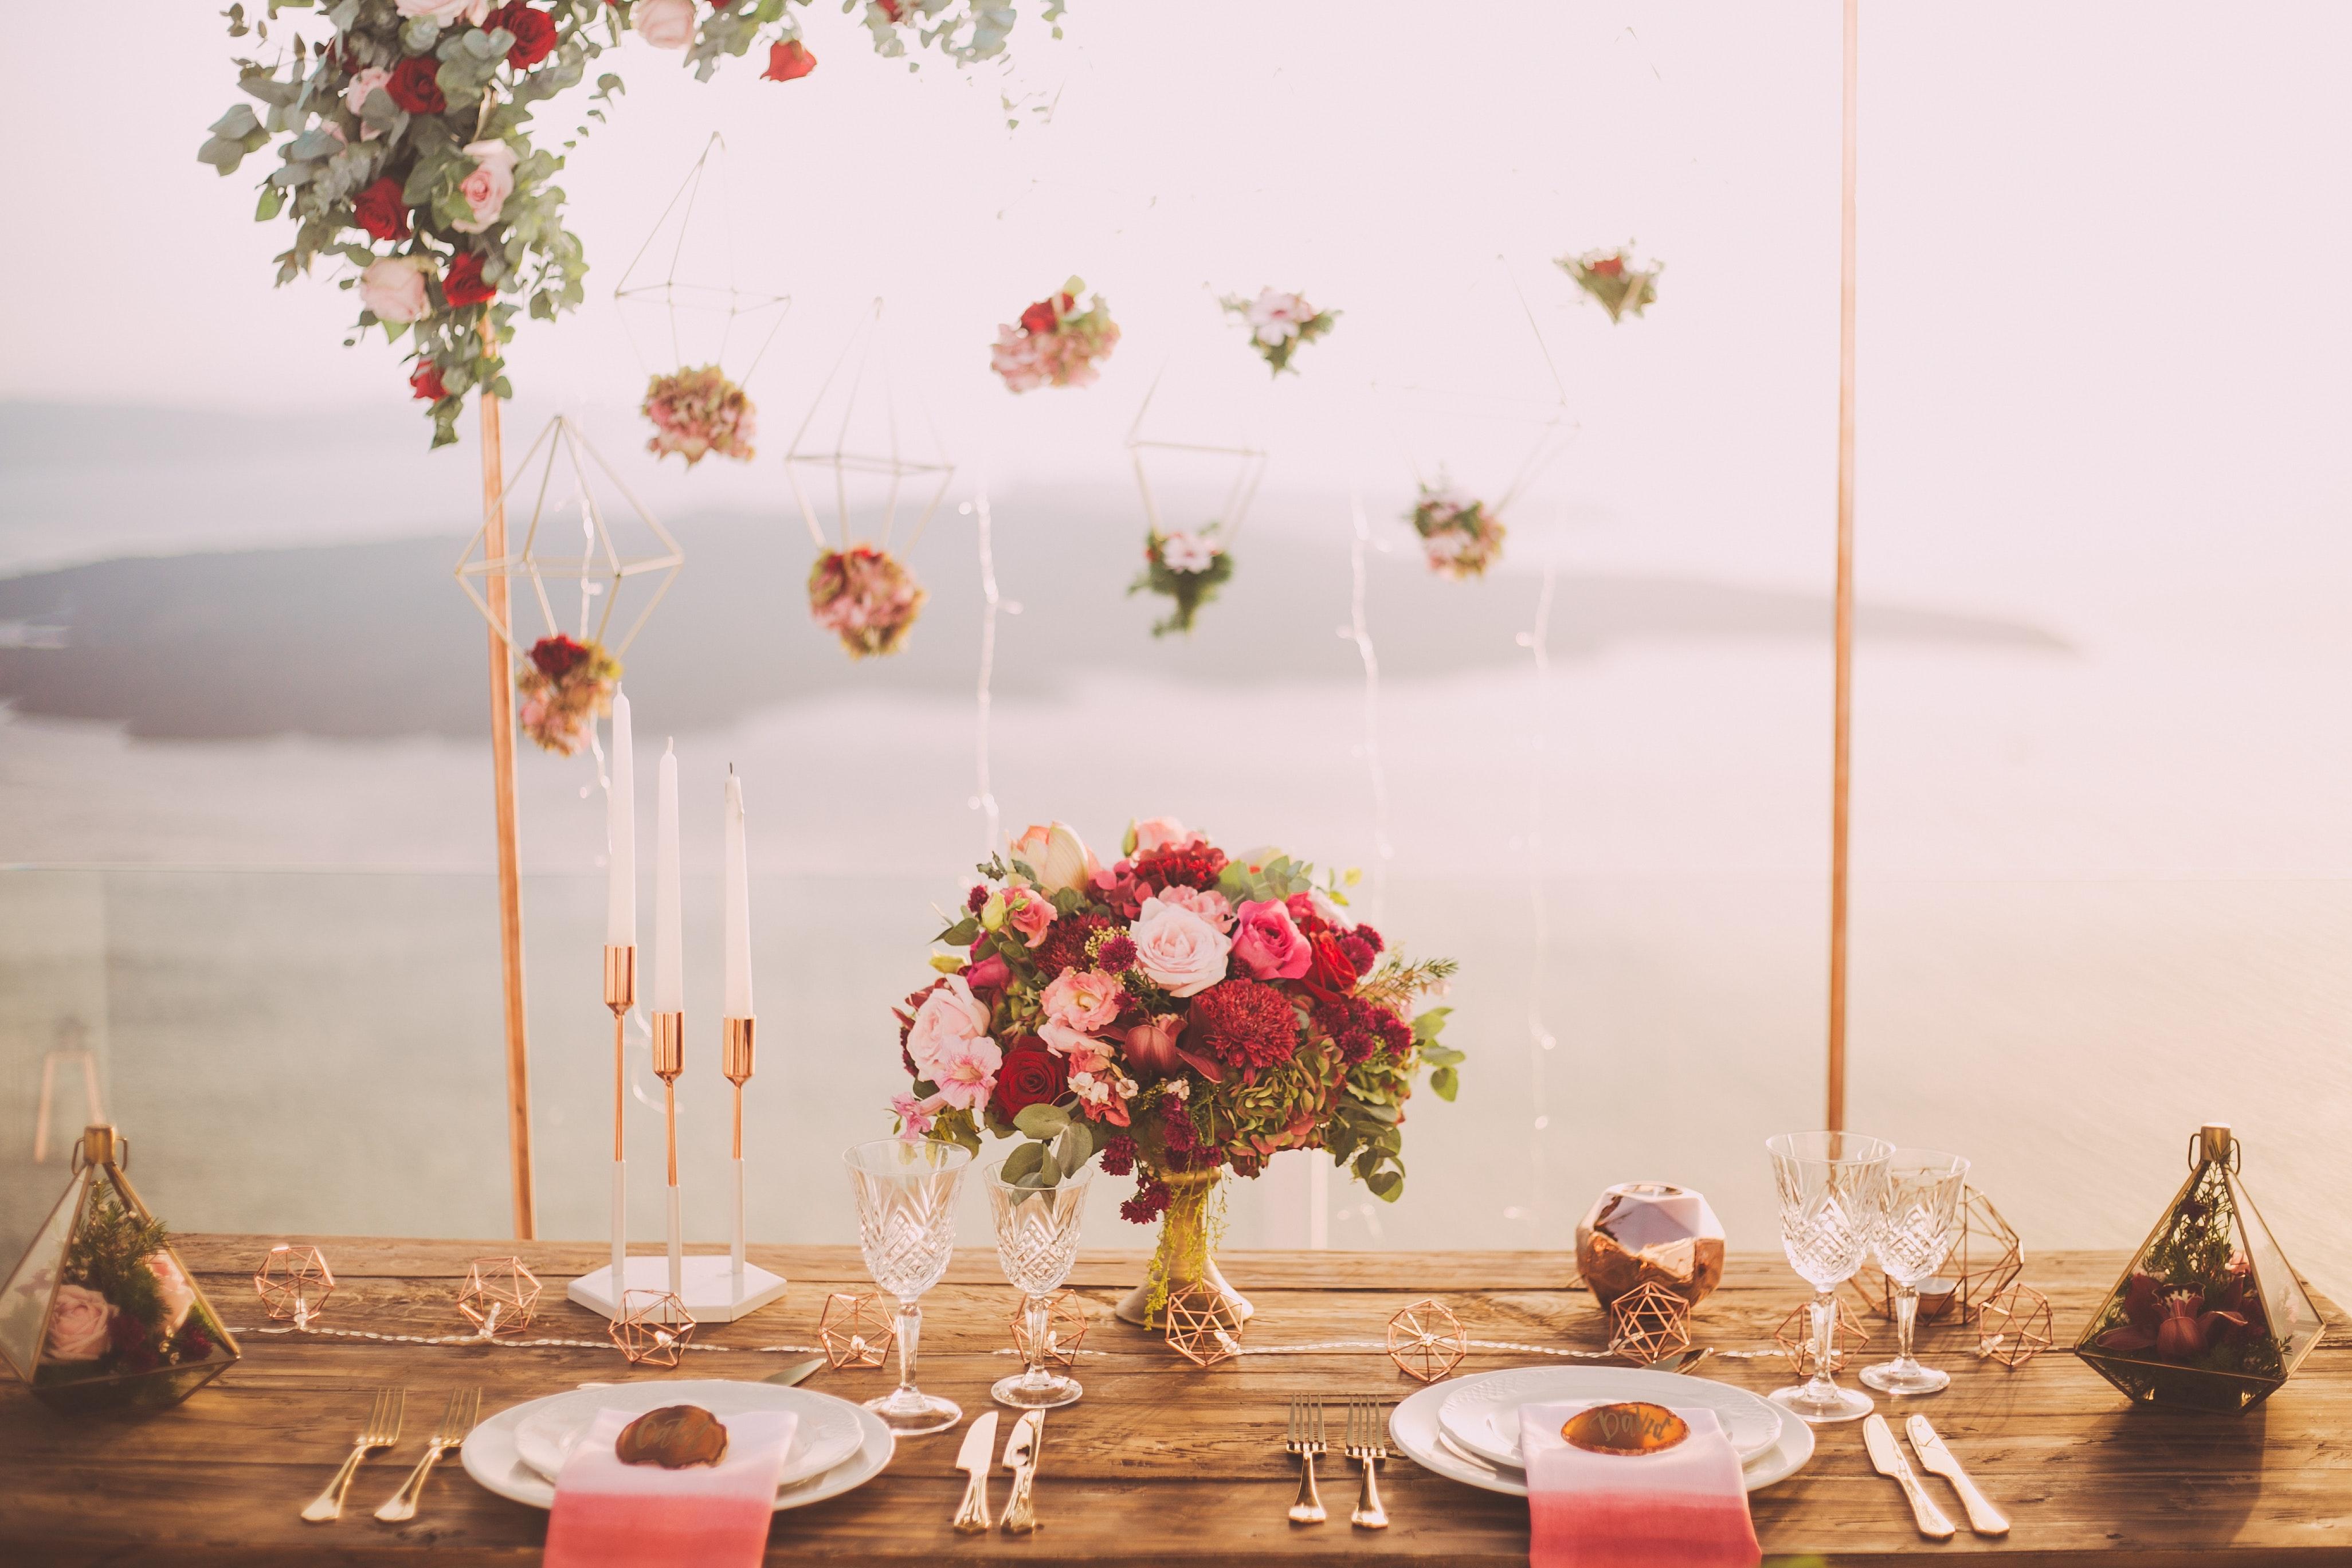 Mariage champêtre : Quel décor ? Quel menu ? Quelle tenue ?